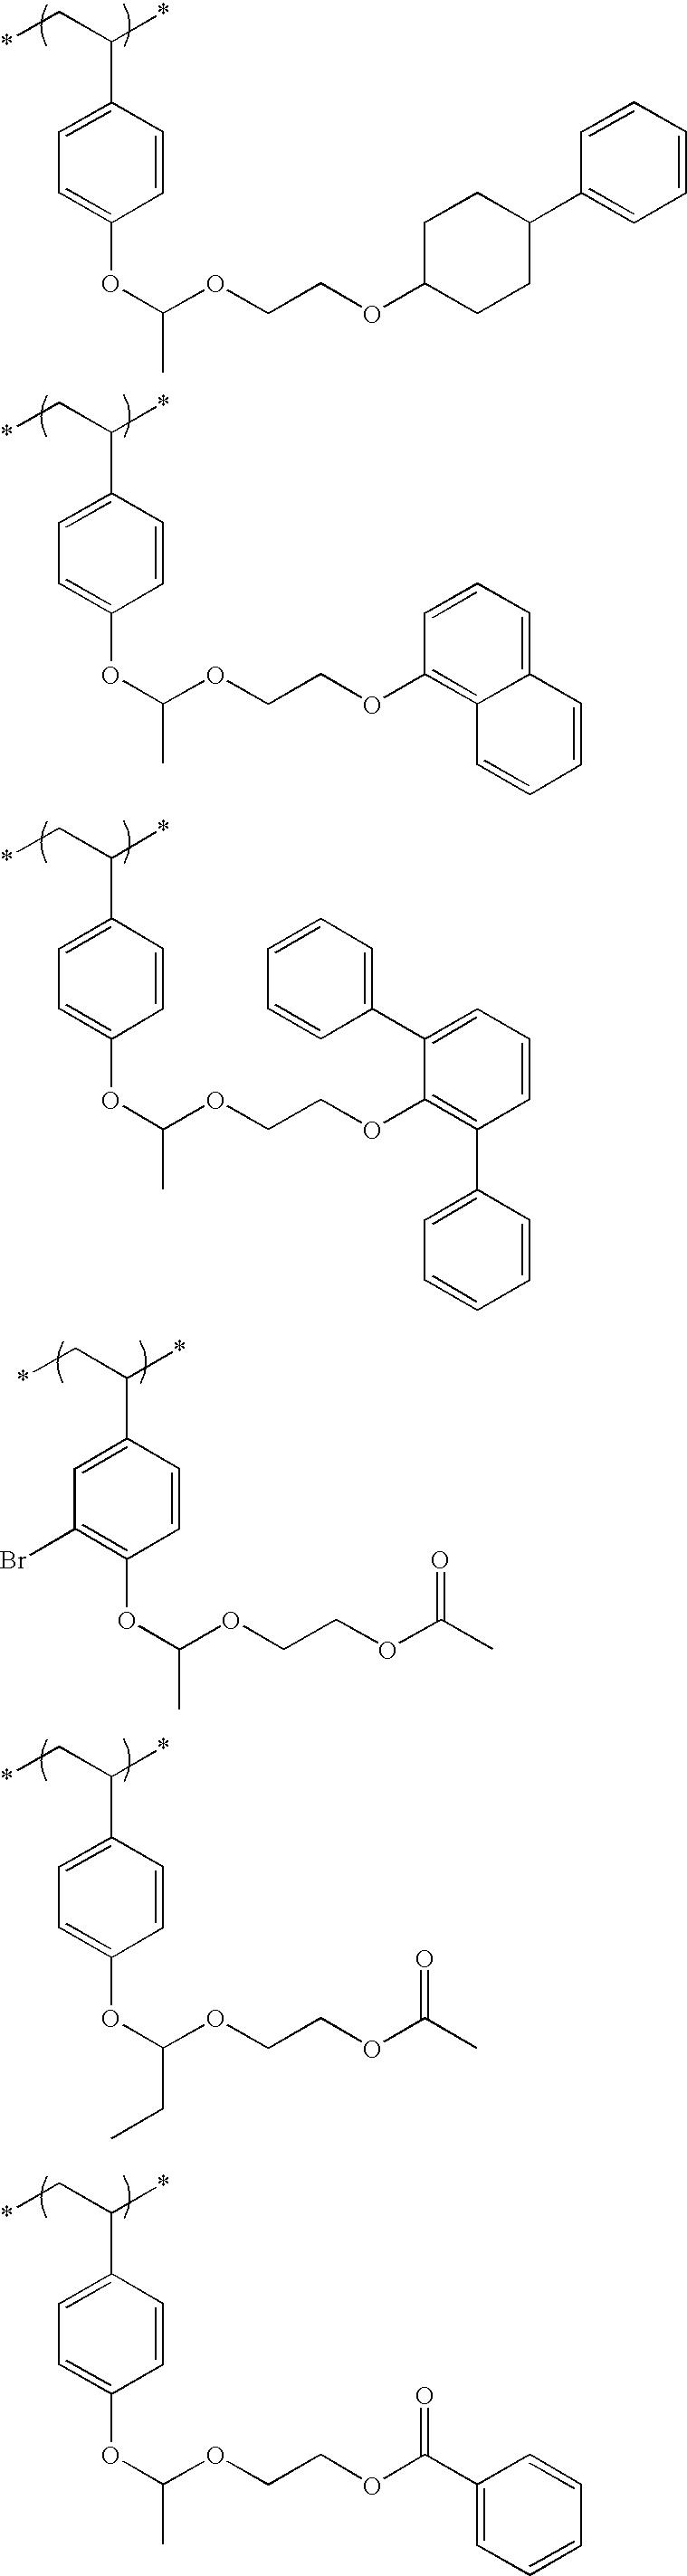 Figure US08852845-20141007-C00090